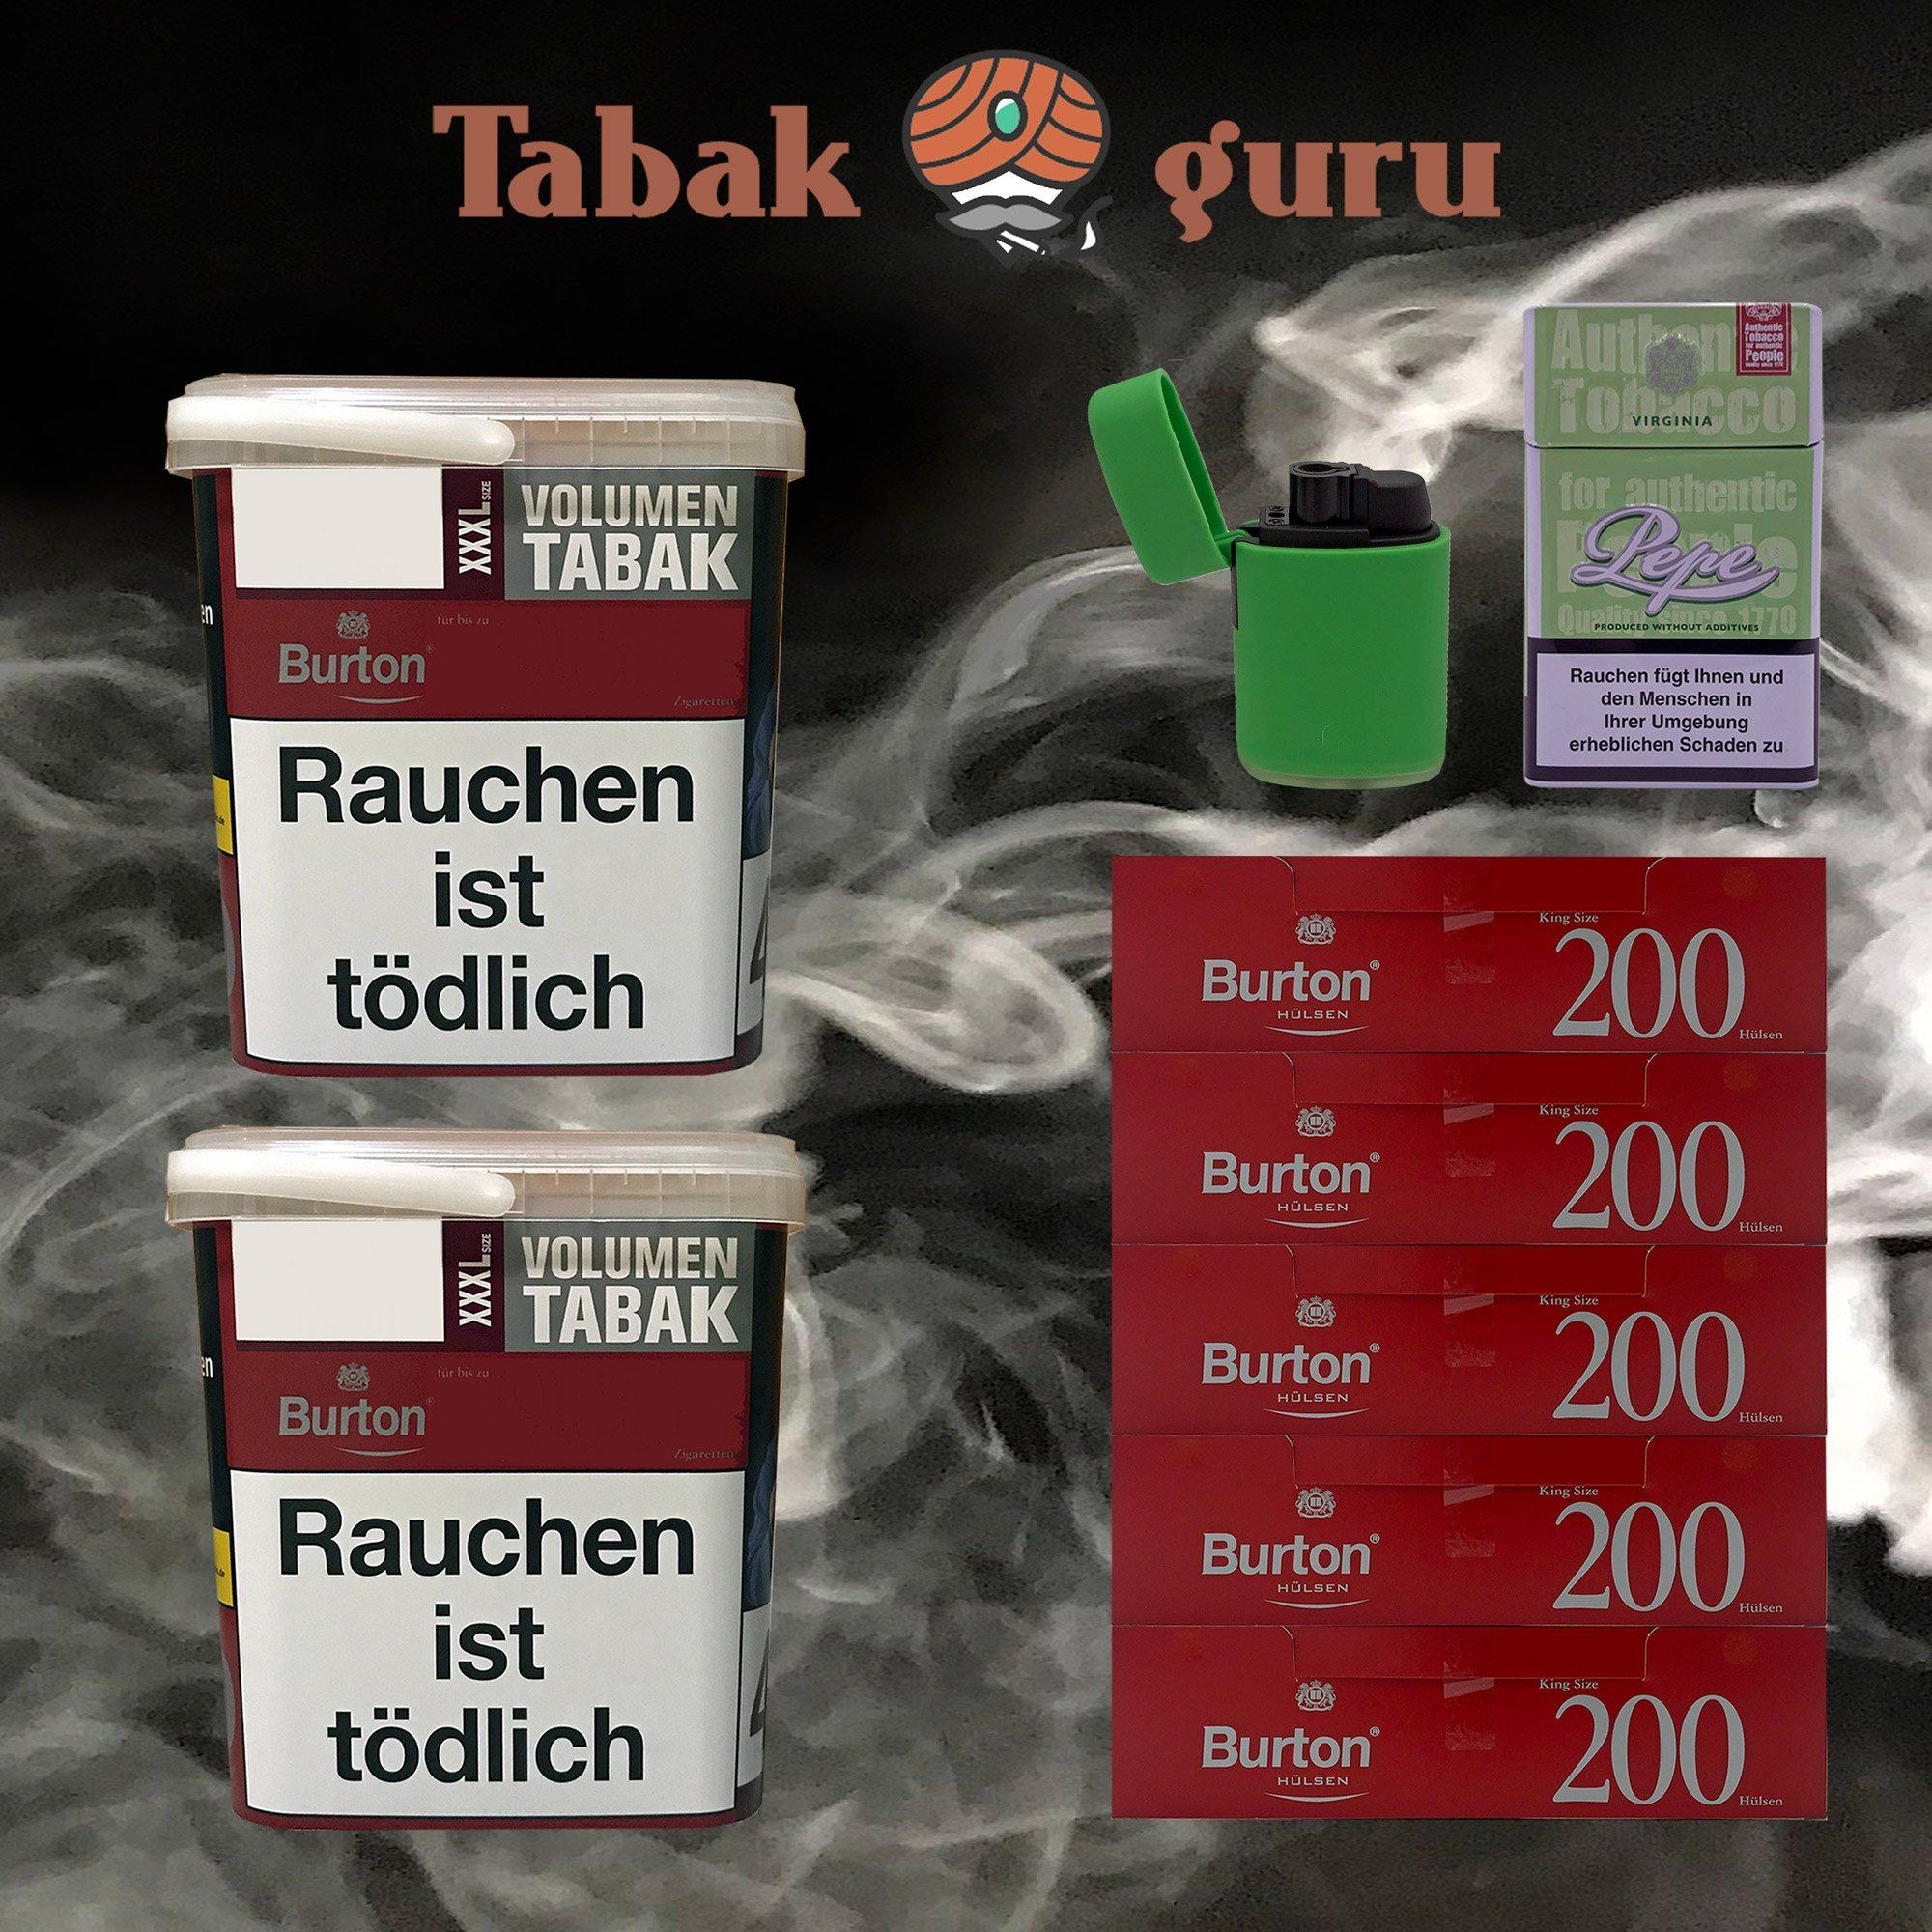 2x Burton Red Volumentabak XXXL Eimer 370g, 1.000 Hülsen, Sturmfeuerzeug, Flip Case